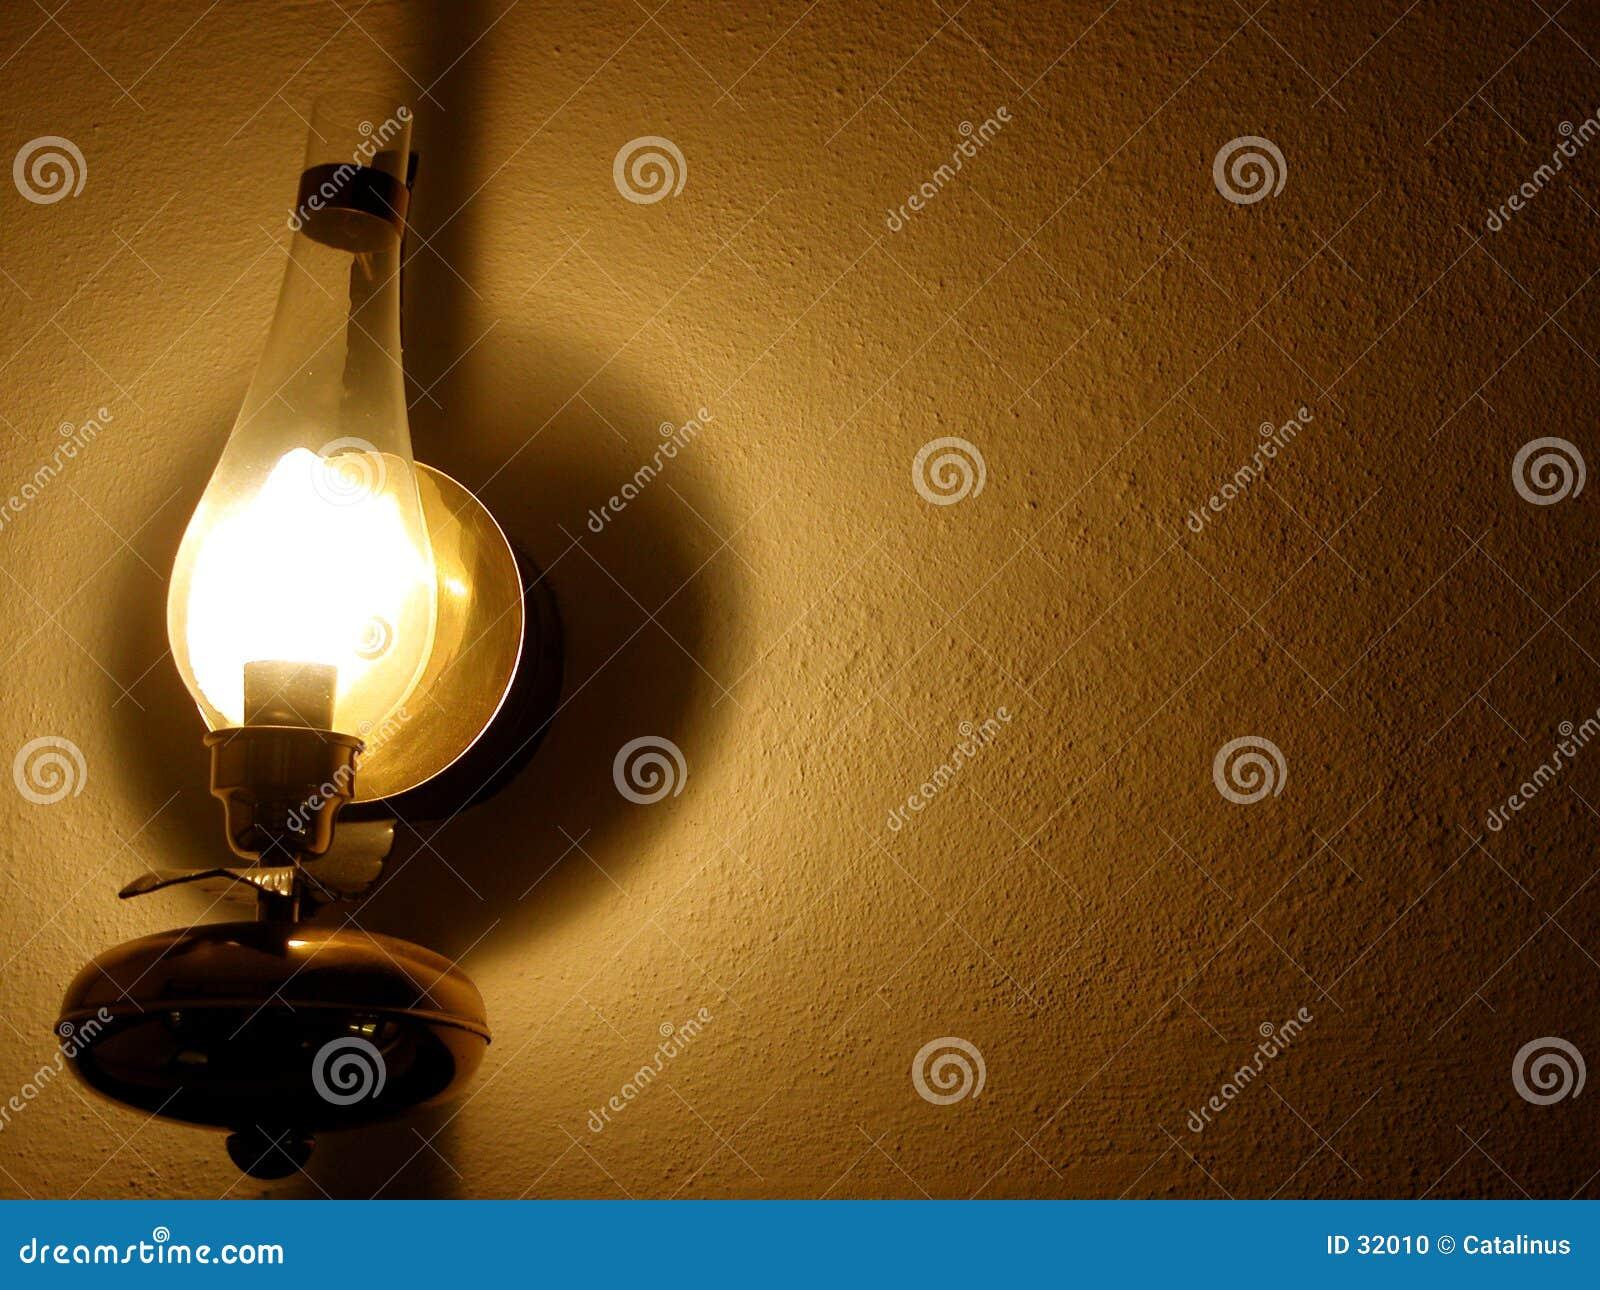 Lampe auf Wand